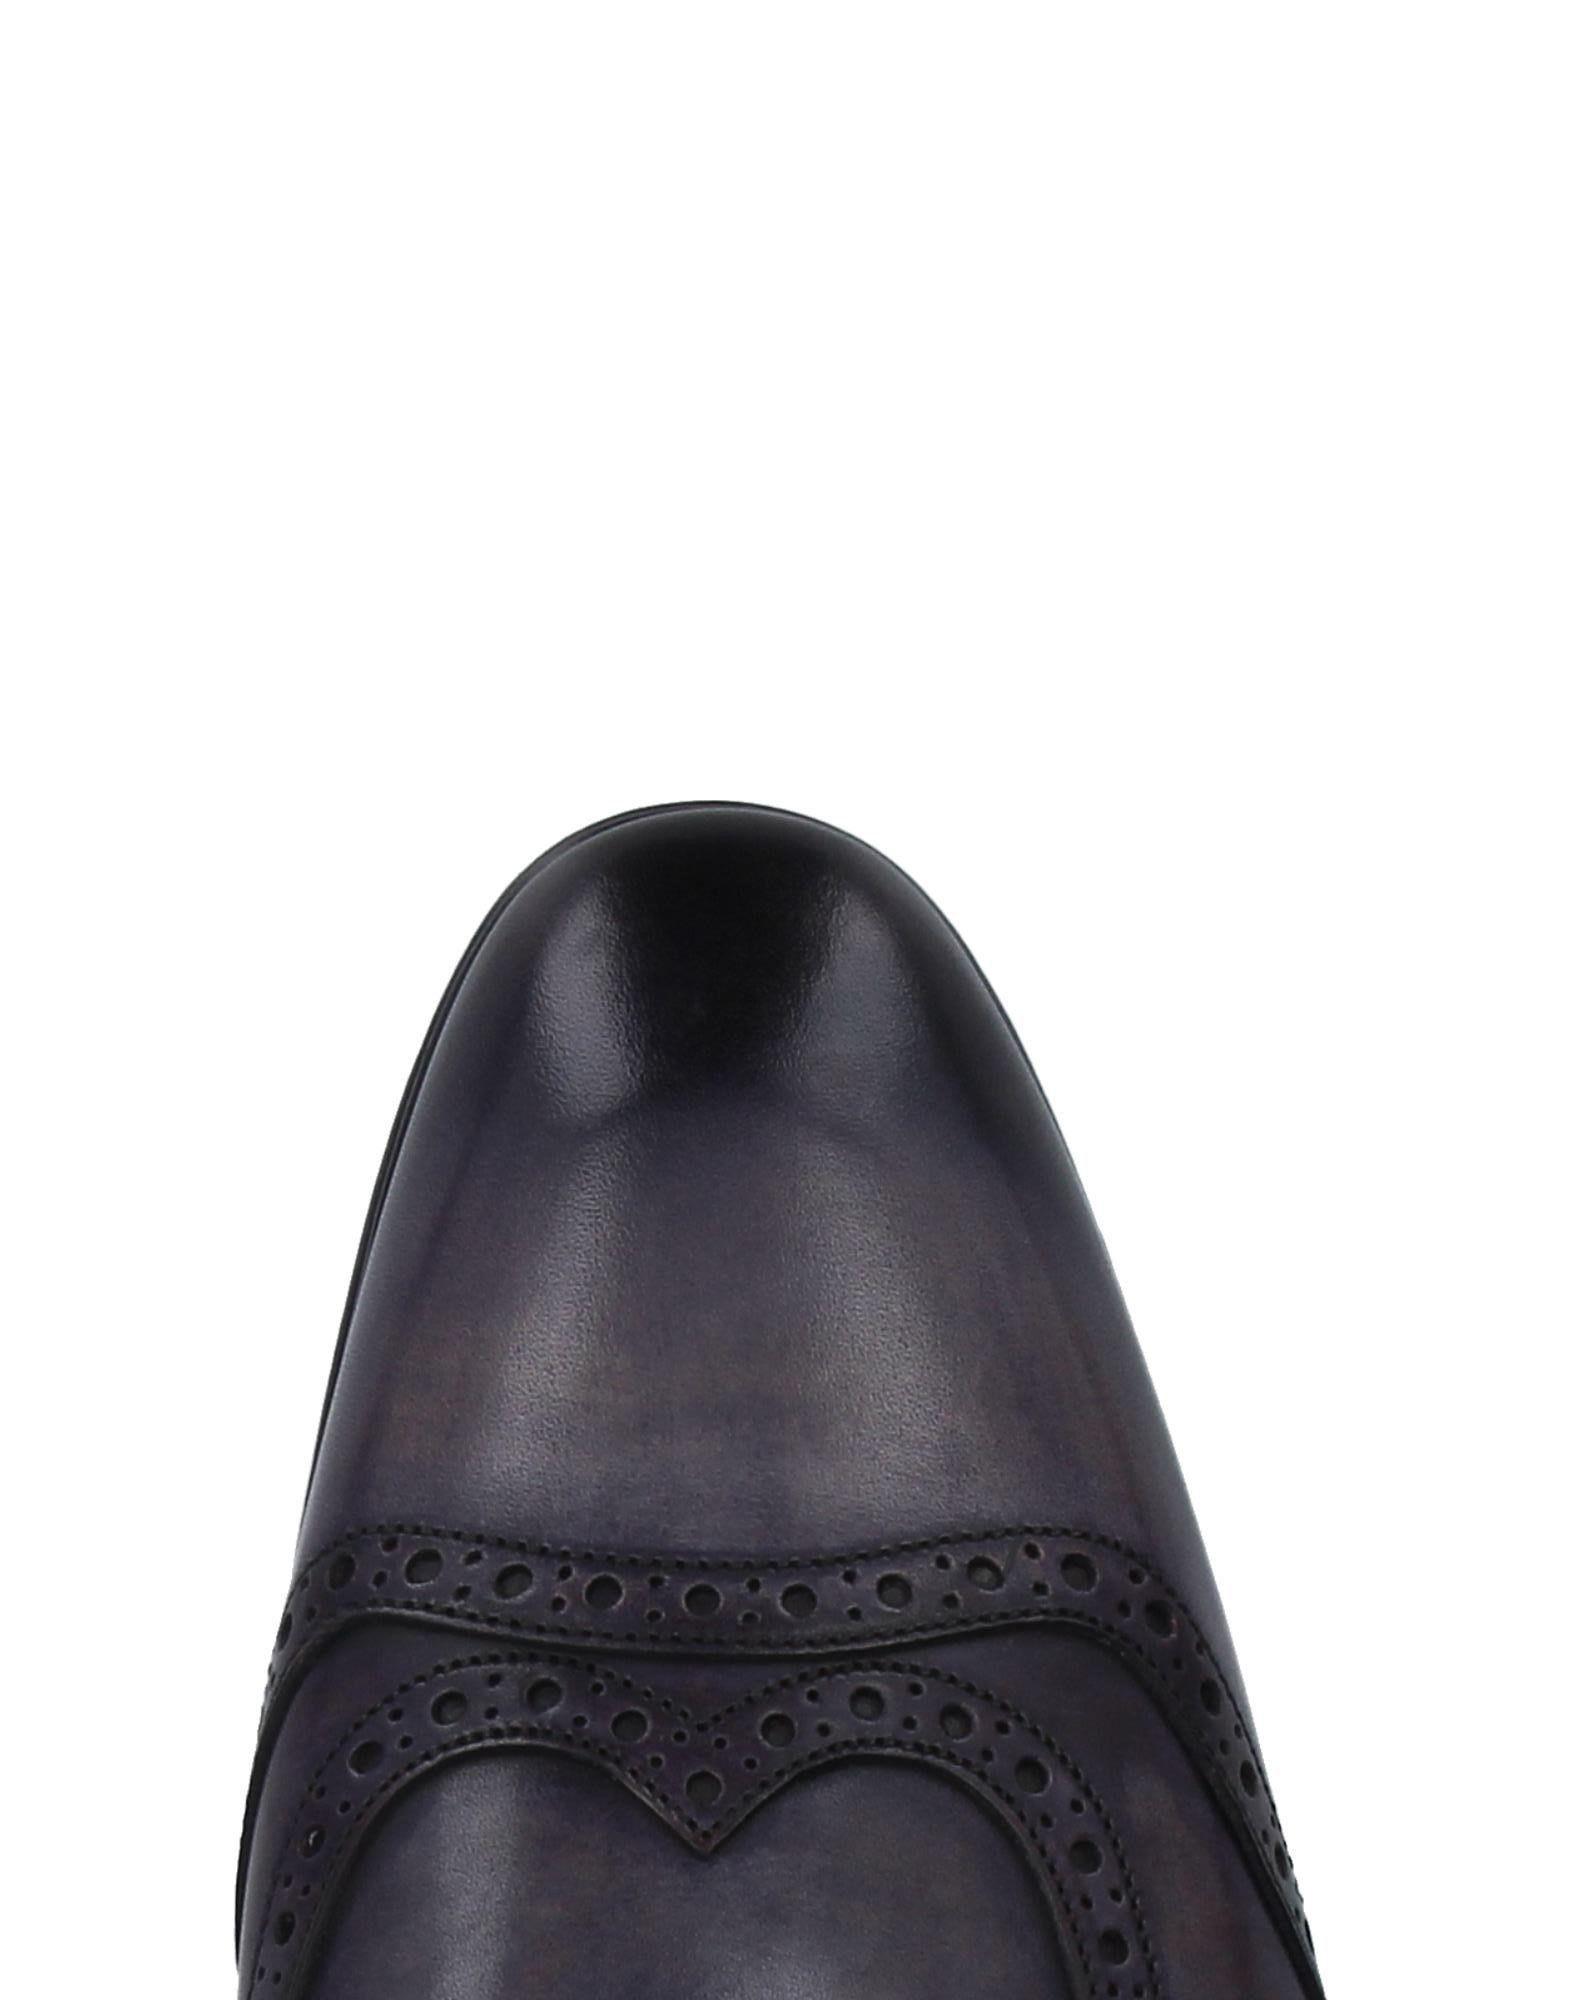 Dolce & Gabbana Herren Mokassins Herren Gabbana  11406148DD f2b5fe